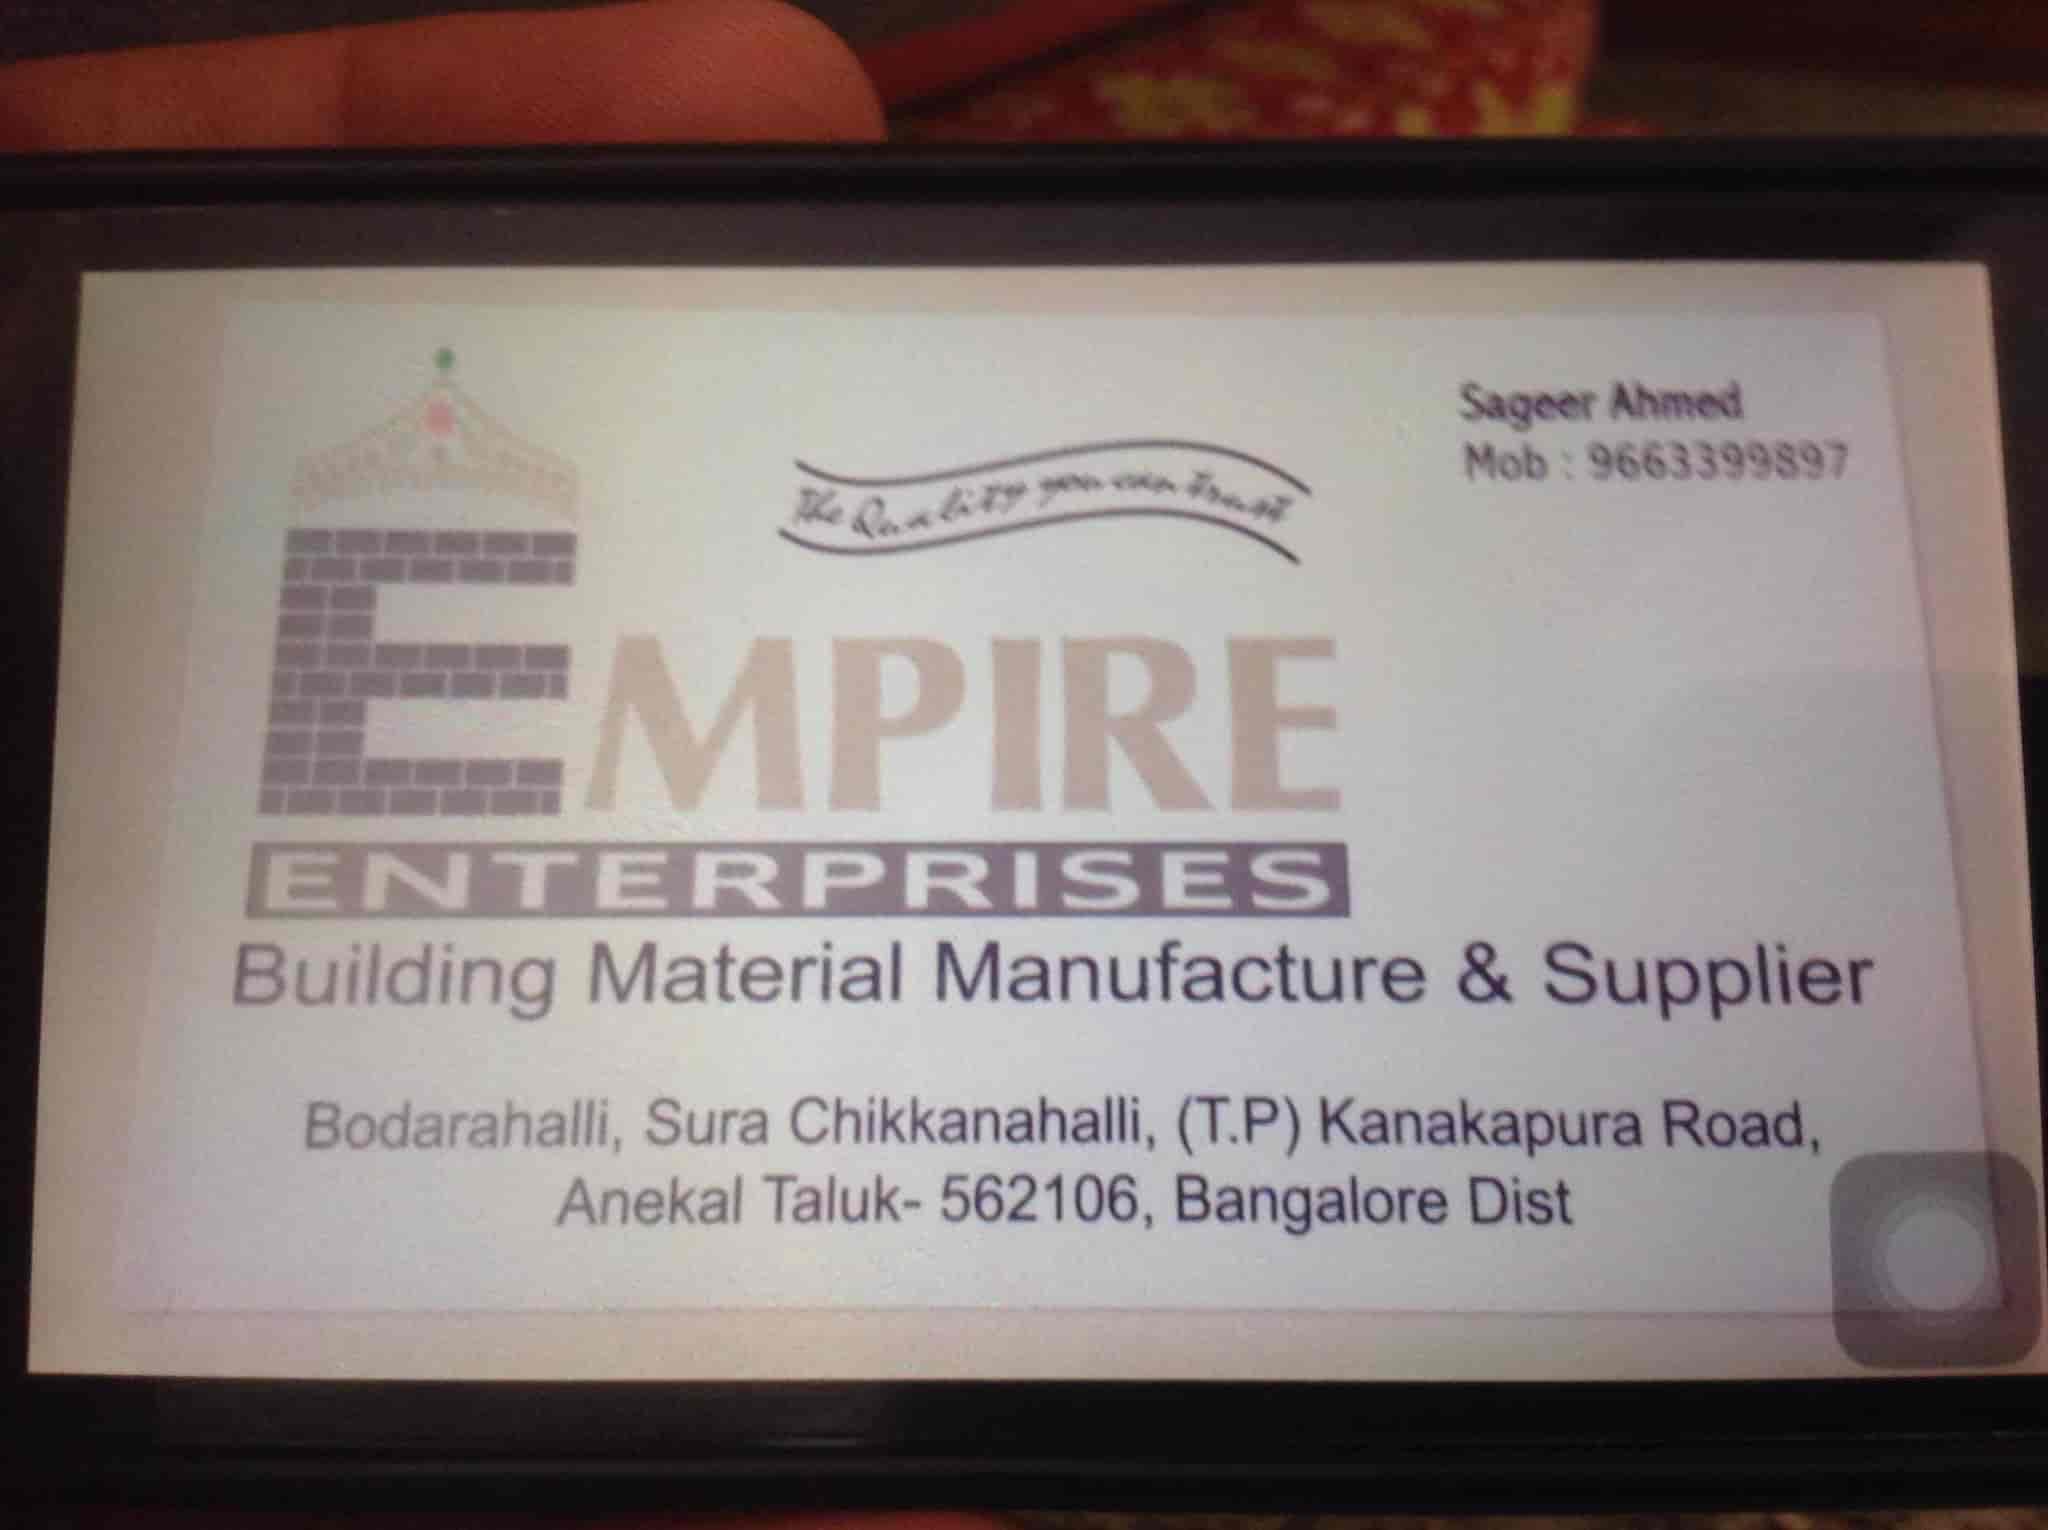 apc distributors in bangalore dating